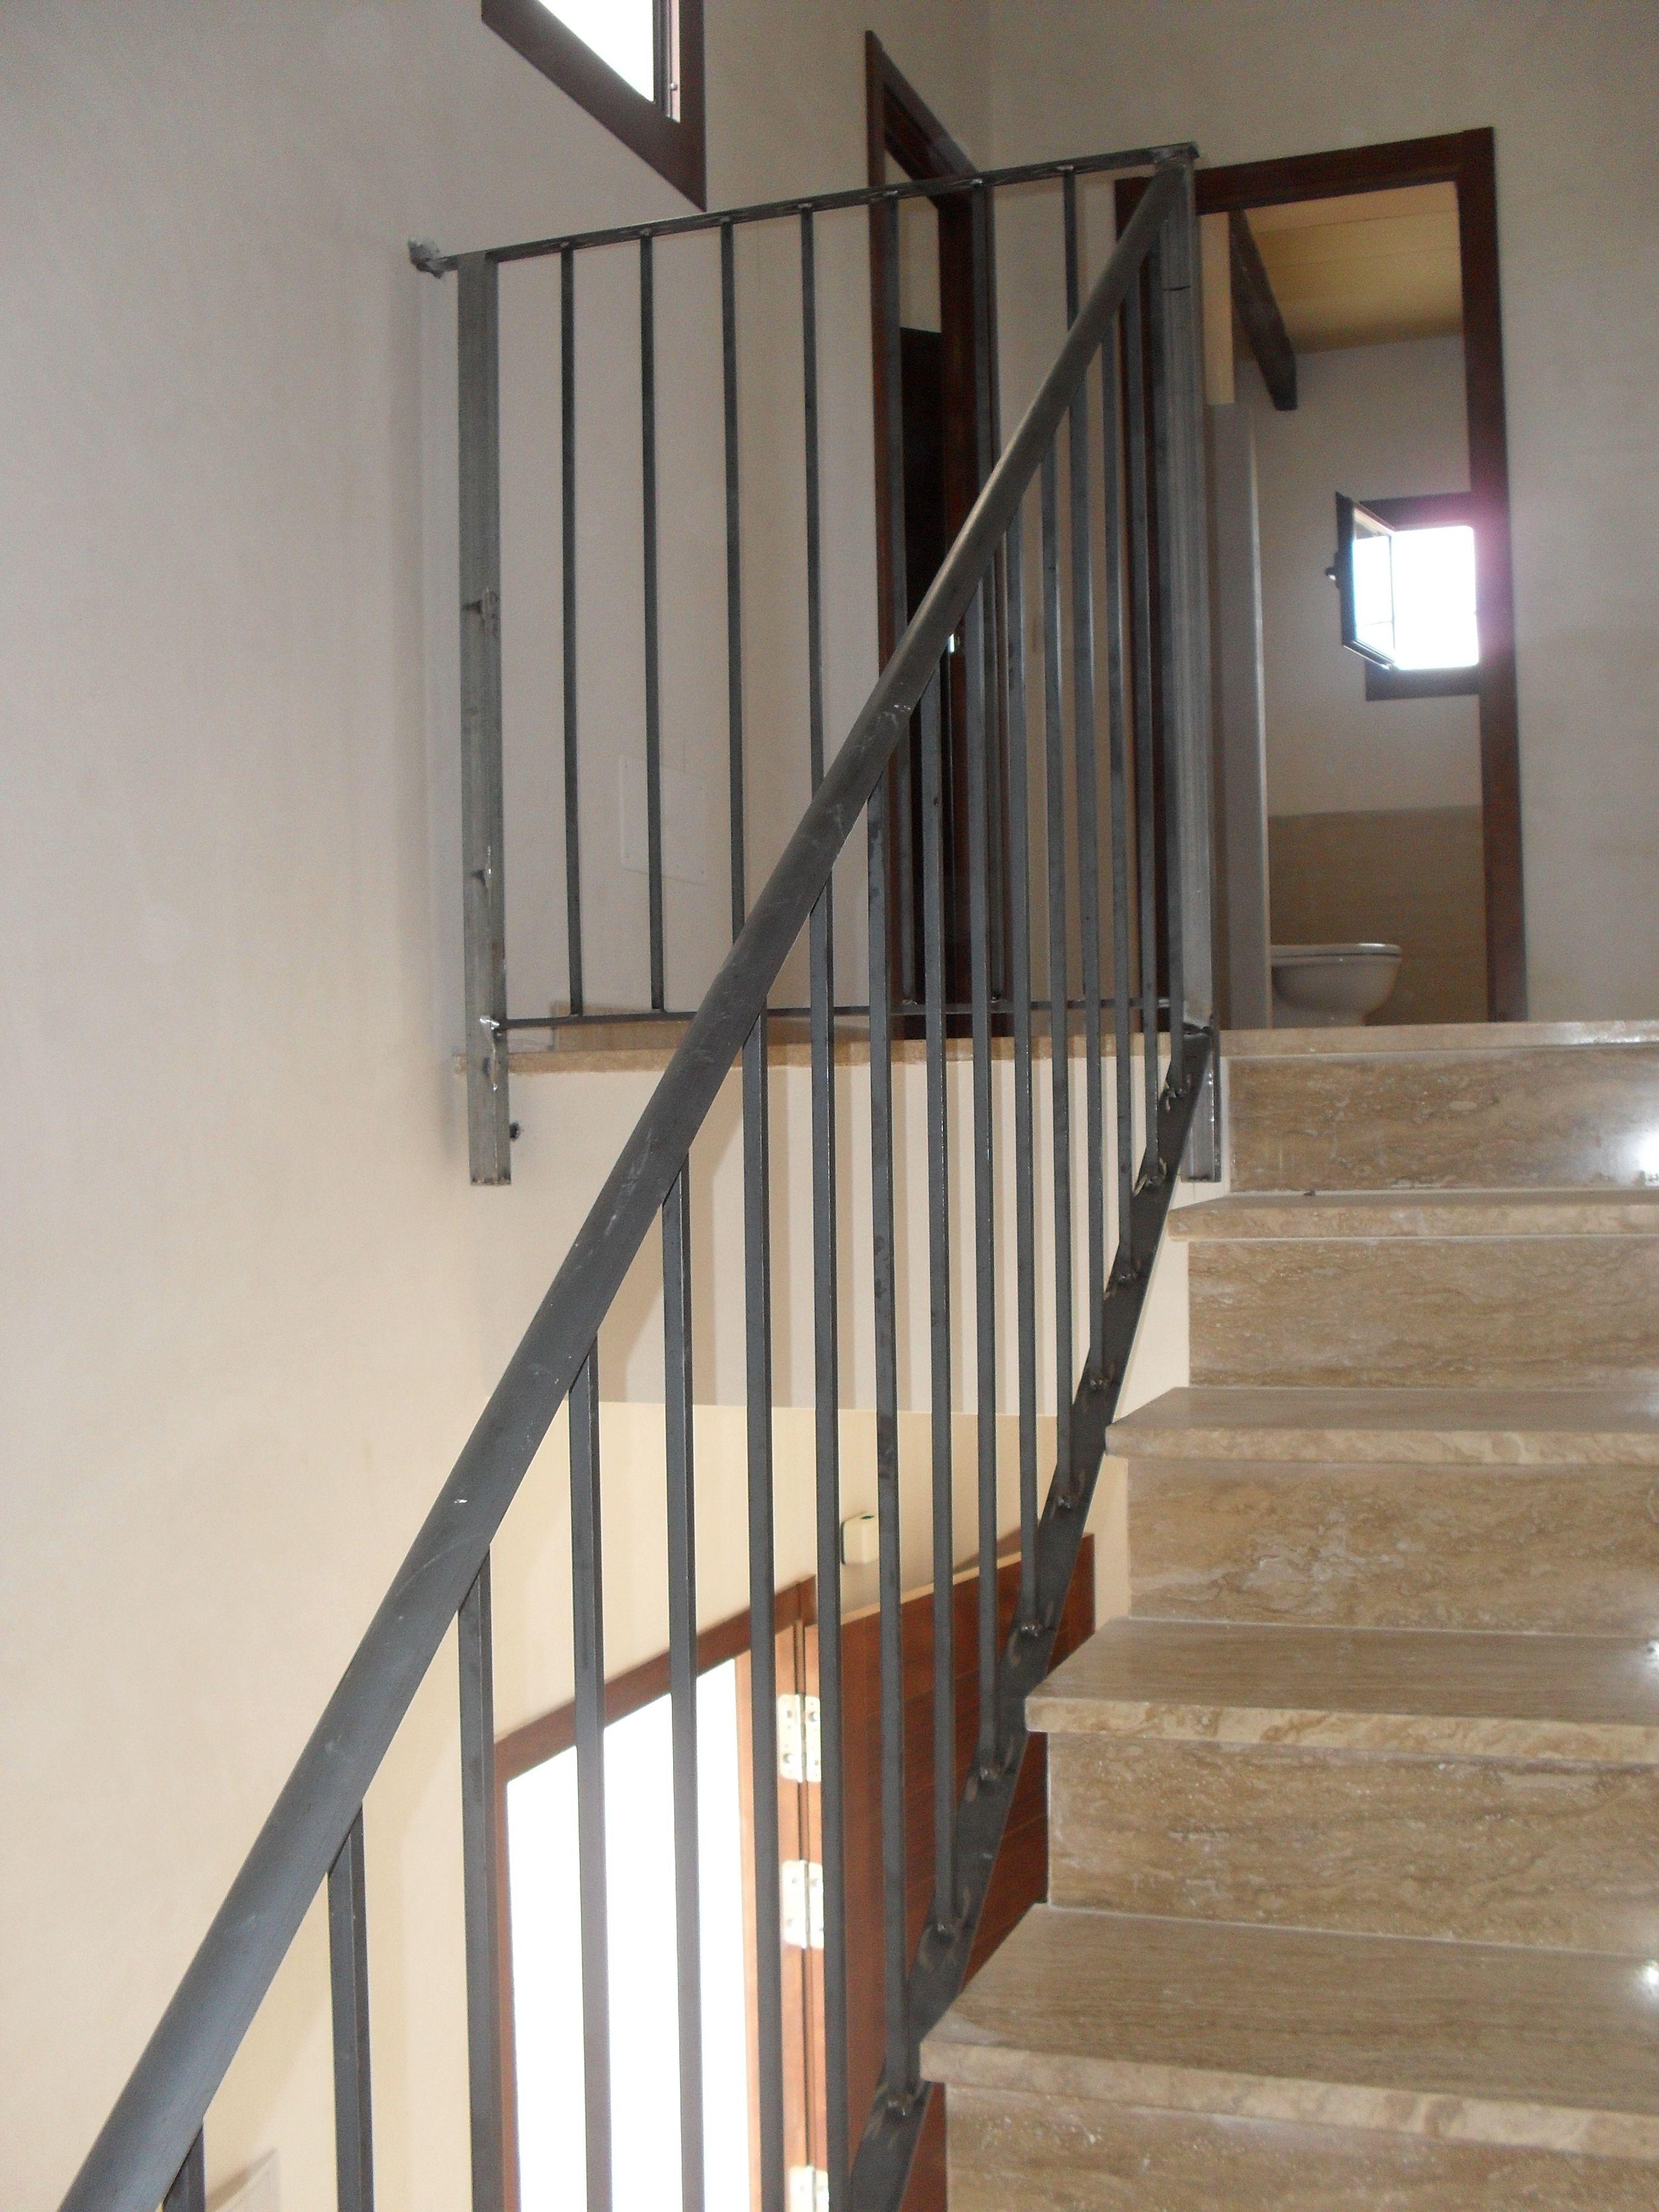 Barandilla hierro puertas escaleras escalera de - Barandillas de hierro ...